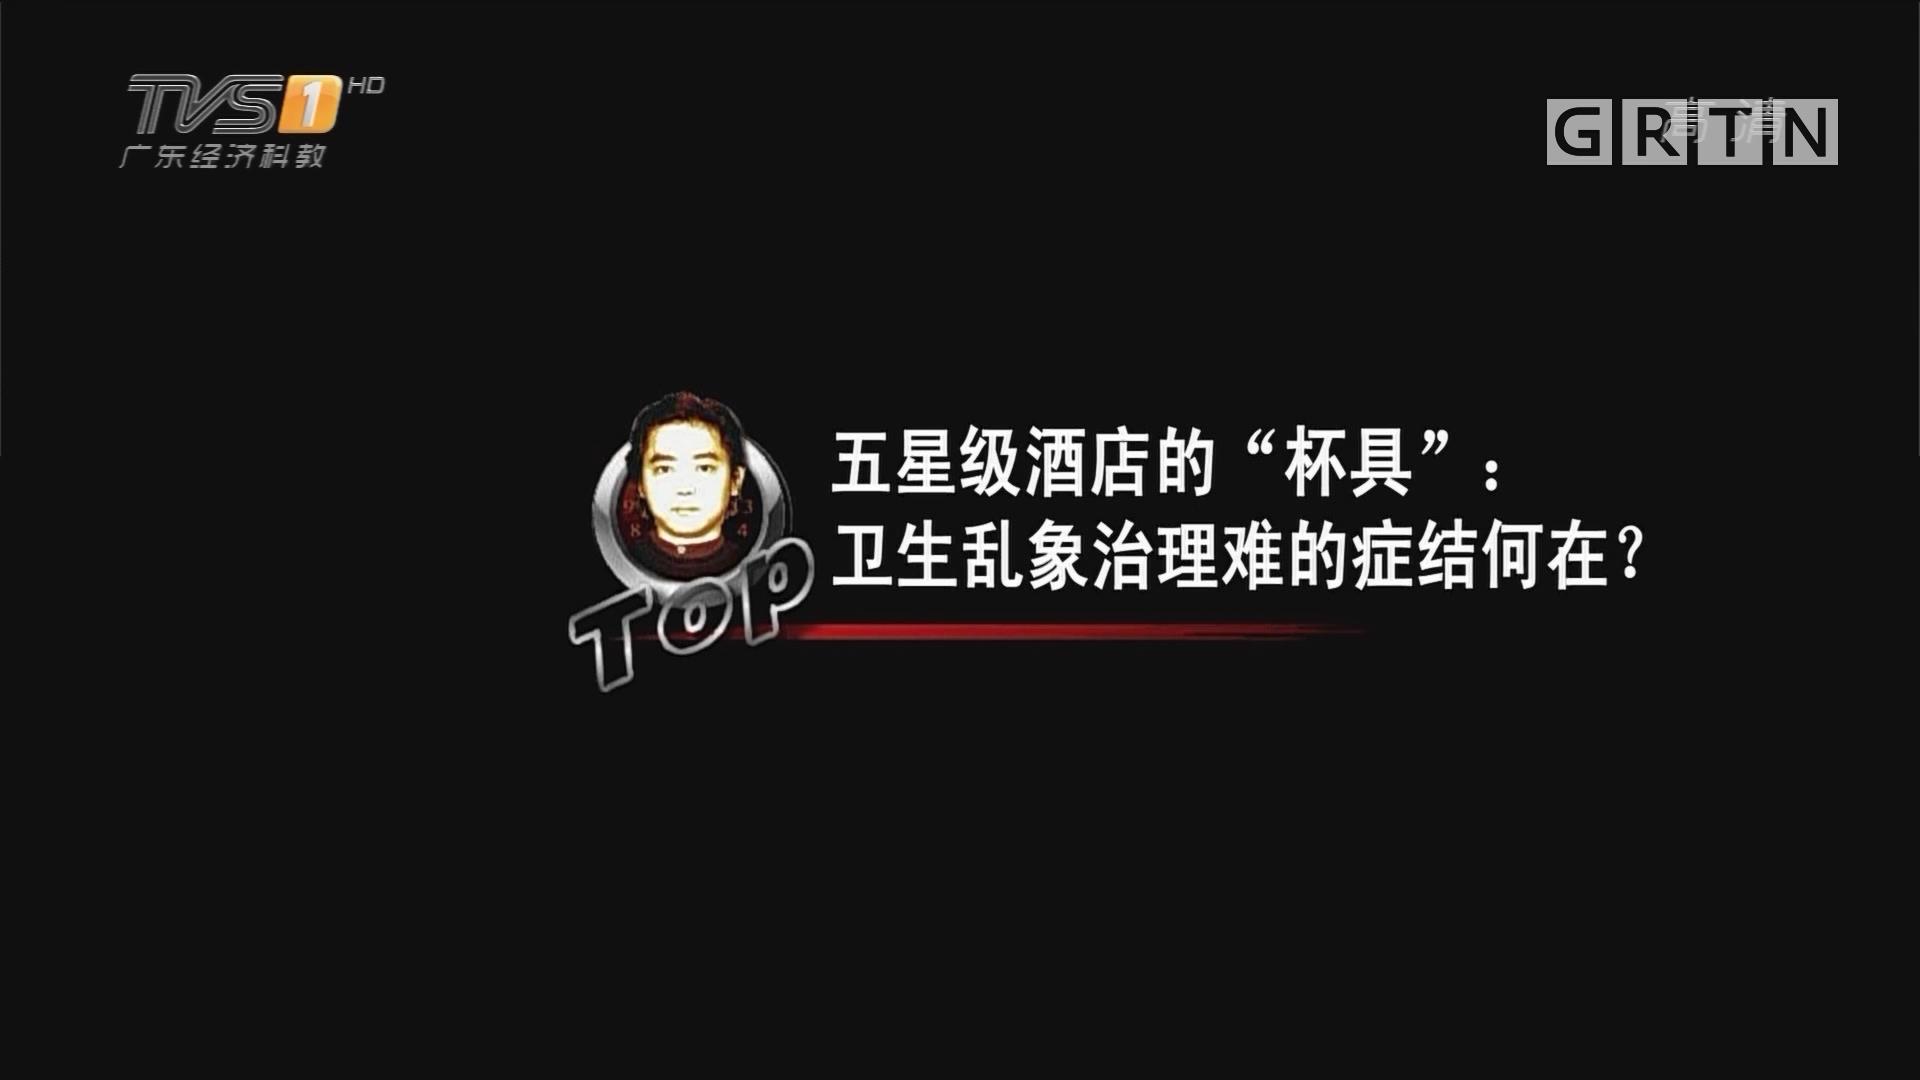 """[HD][2018-11-19]马后炮:五星级酒店的""""杯具"""":卫生乱象治理难得症结何在?"""